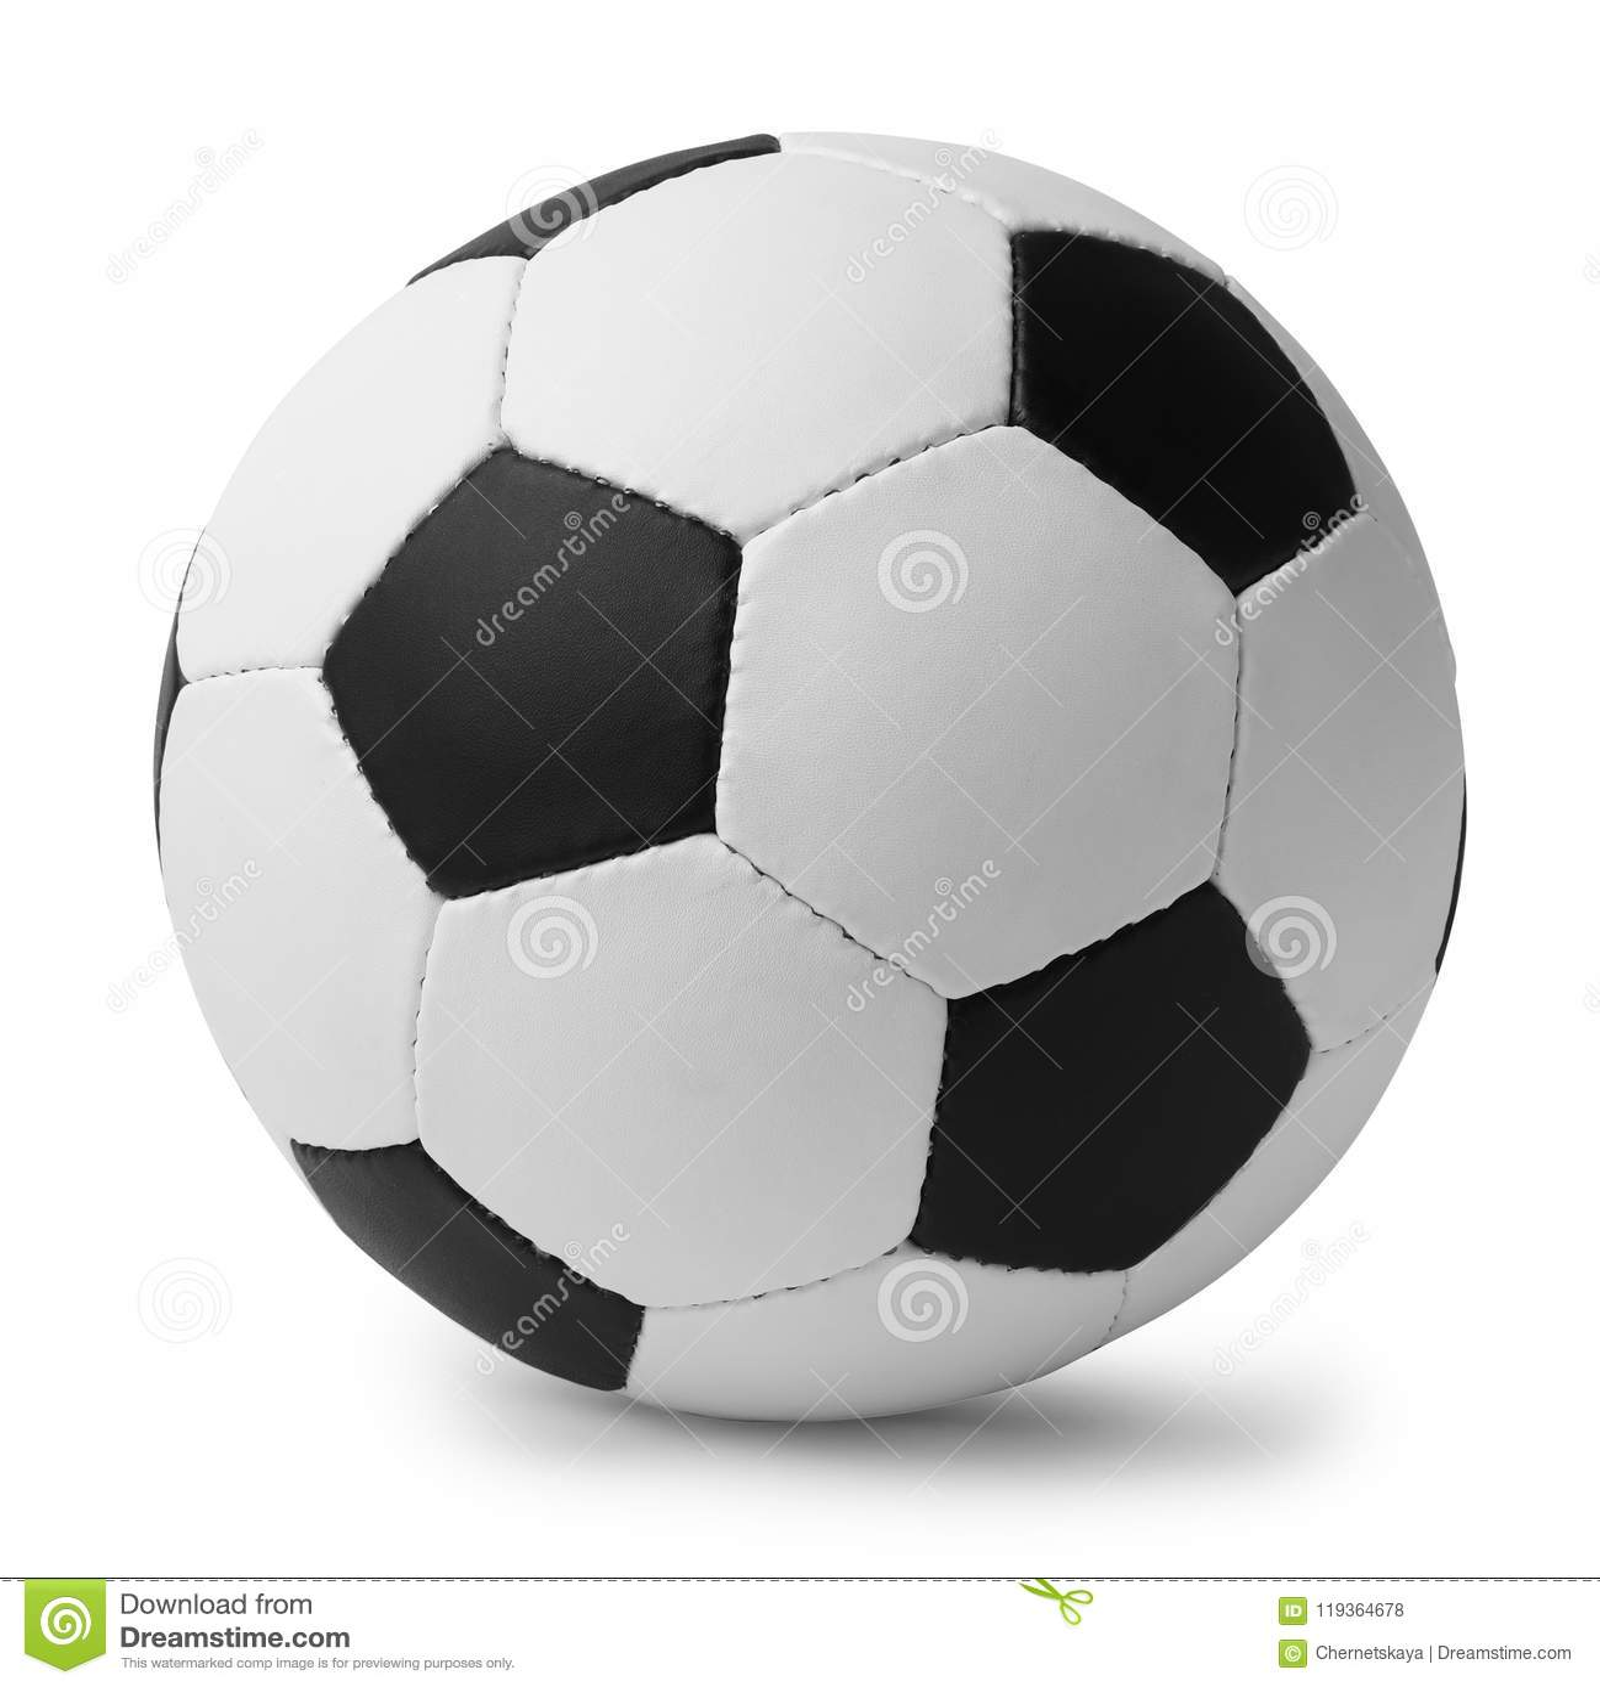 New soccer ball on white background